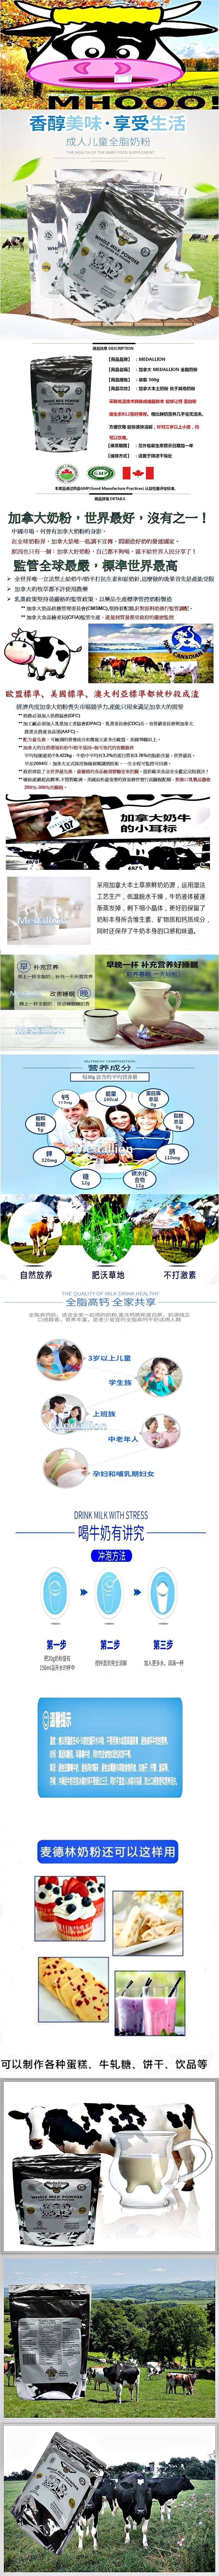 1necs014649revise1-vert.jpg